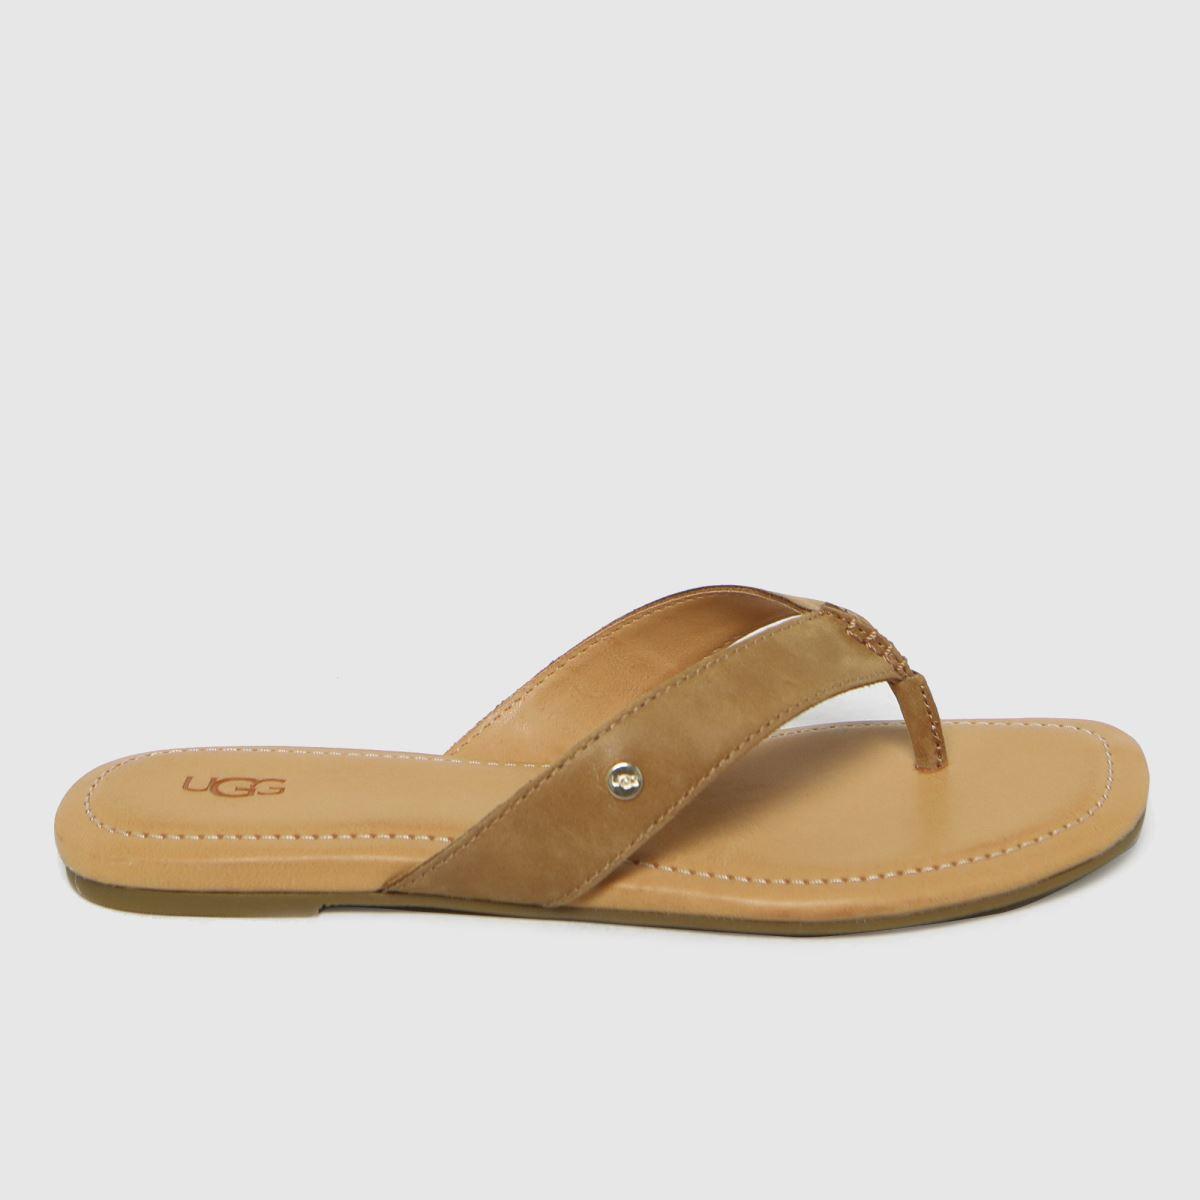 UGG Tan Toulumne Sandals